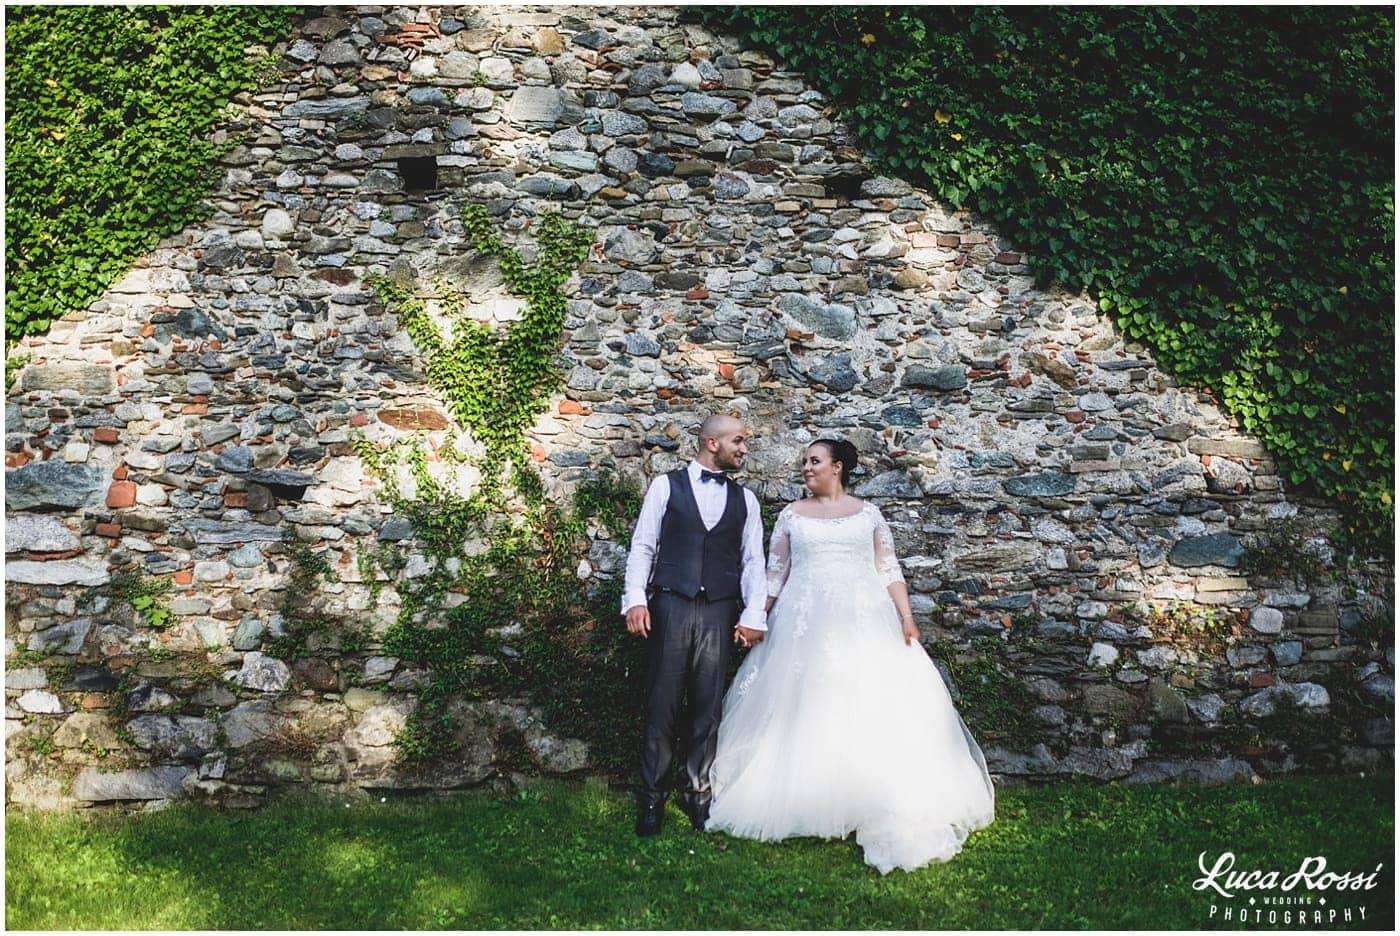 Matrimonio casatenovo Missaglia Annone